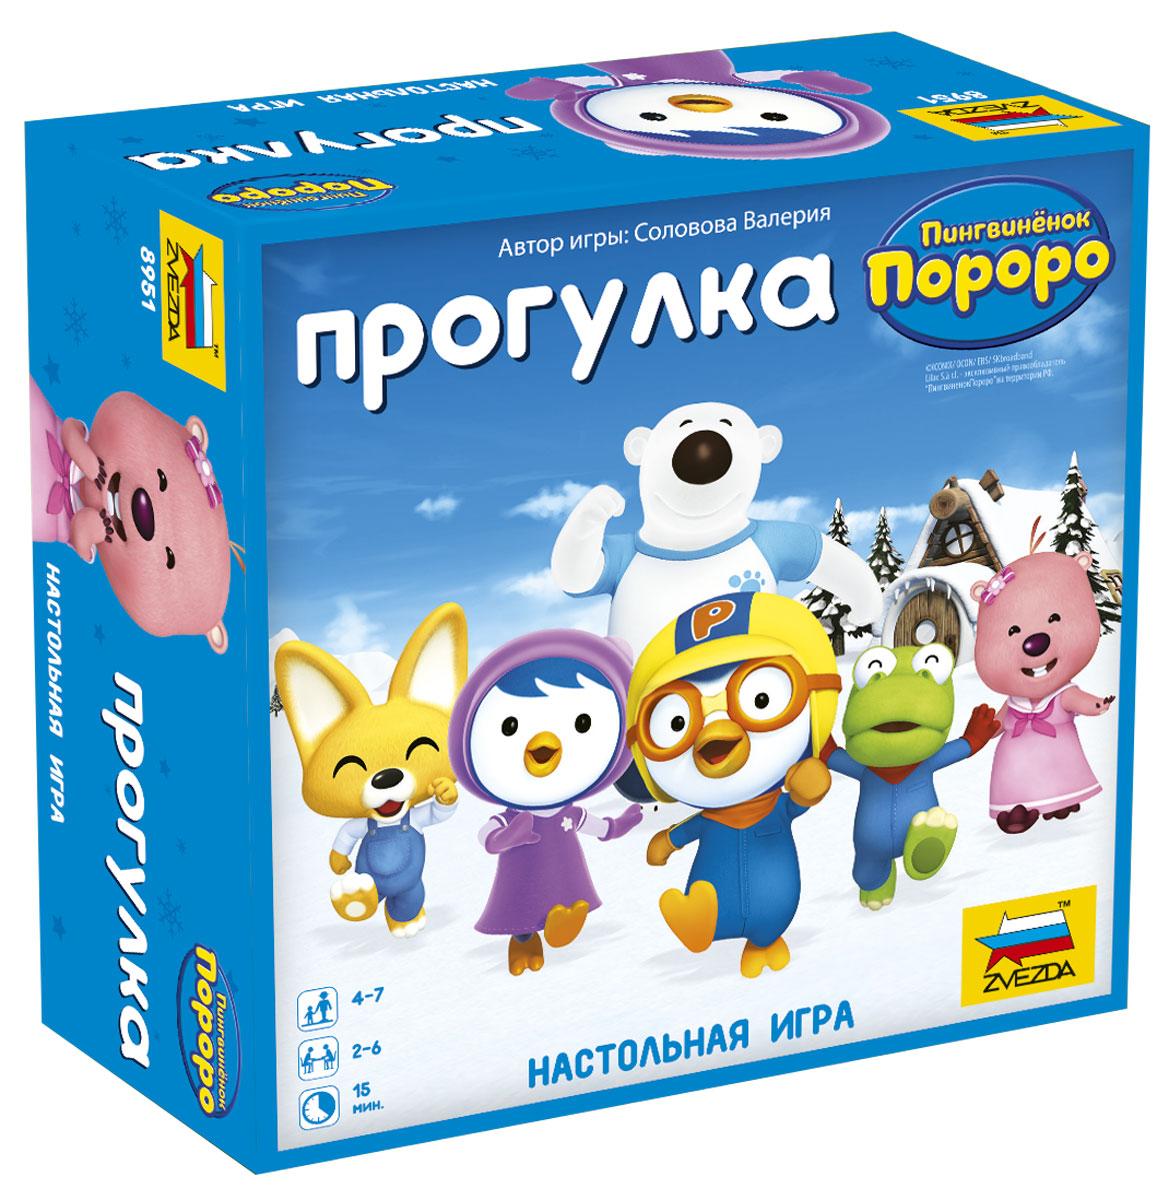 Звезда Настольная игра Пингвиненок Пороро Прогулка